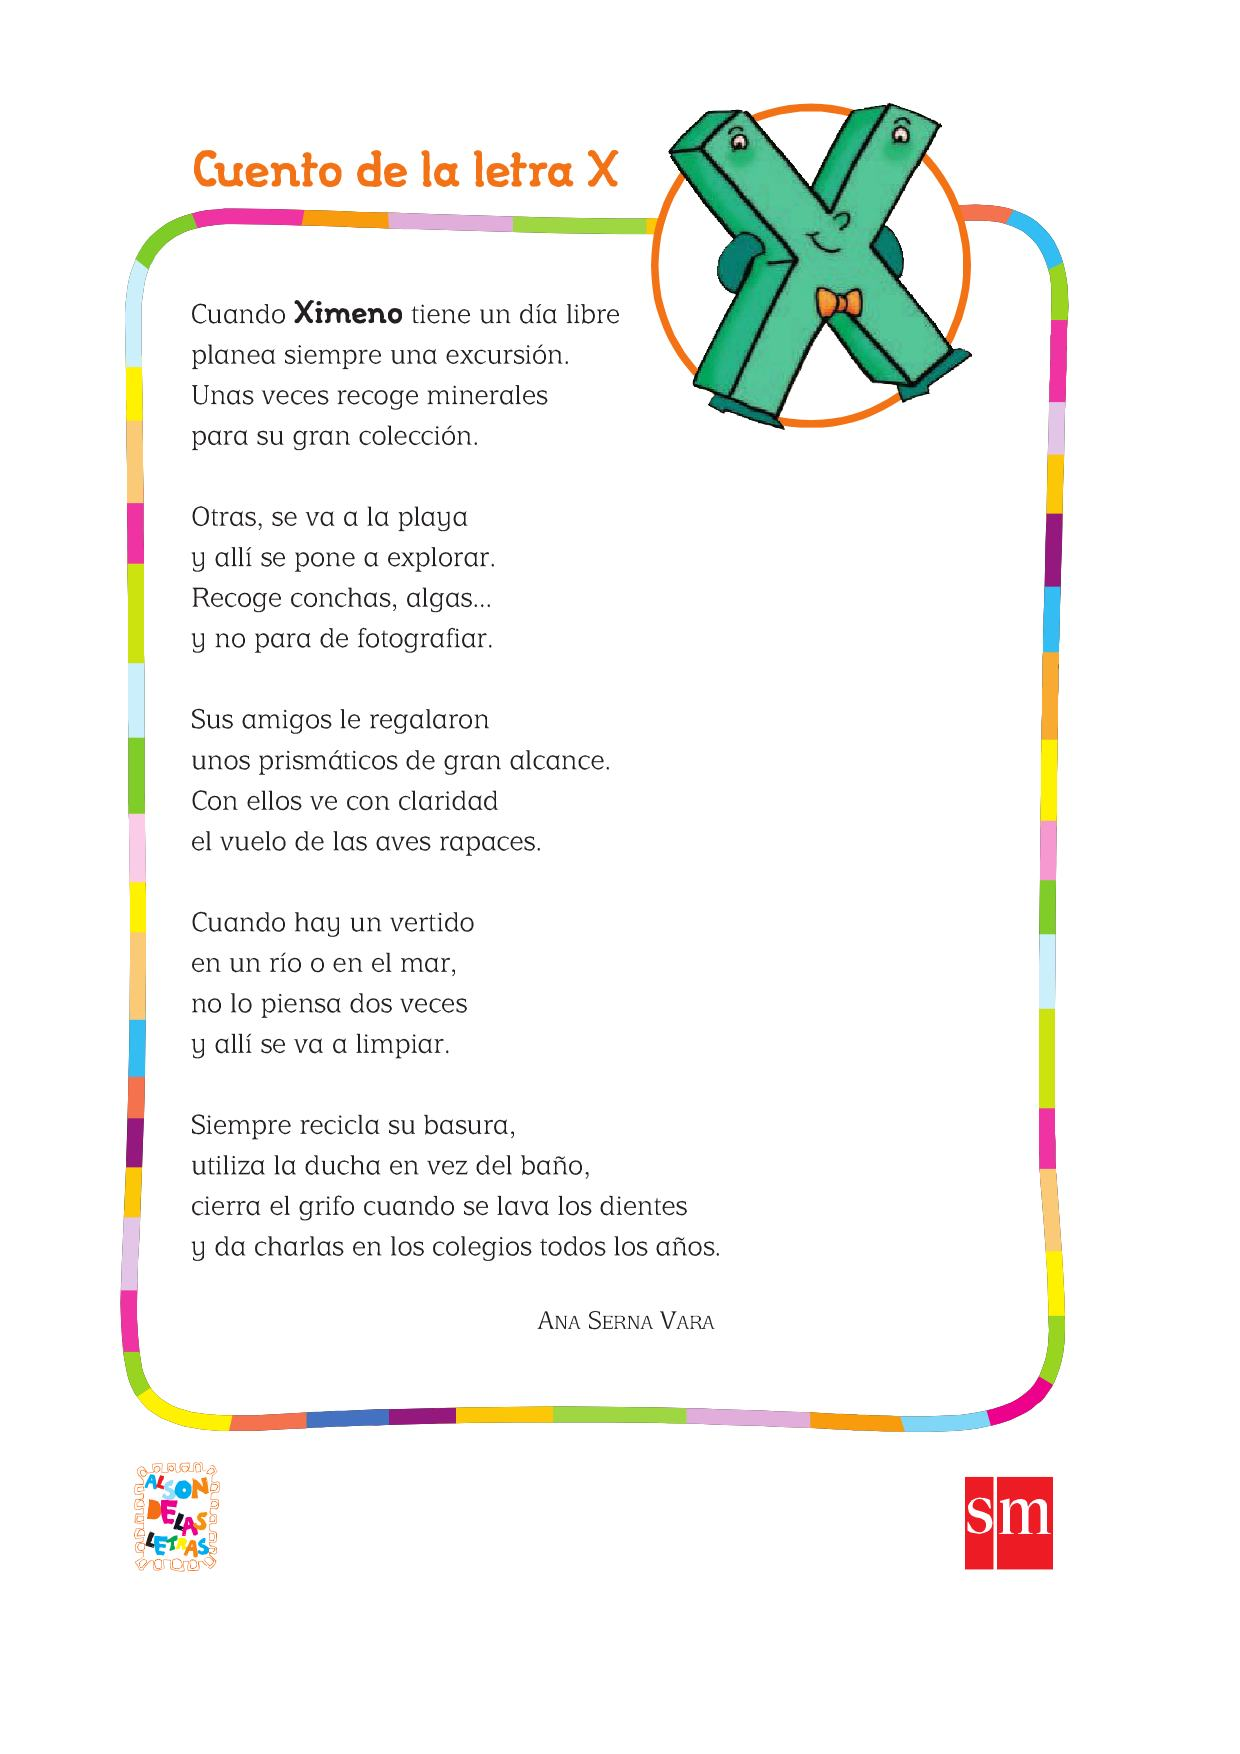 Cimentos Itau Votorantim Estande Exhibition Design Feira also Lulu besides Mariamiramepartitura in addition Beblade additionally Page. on letra a